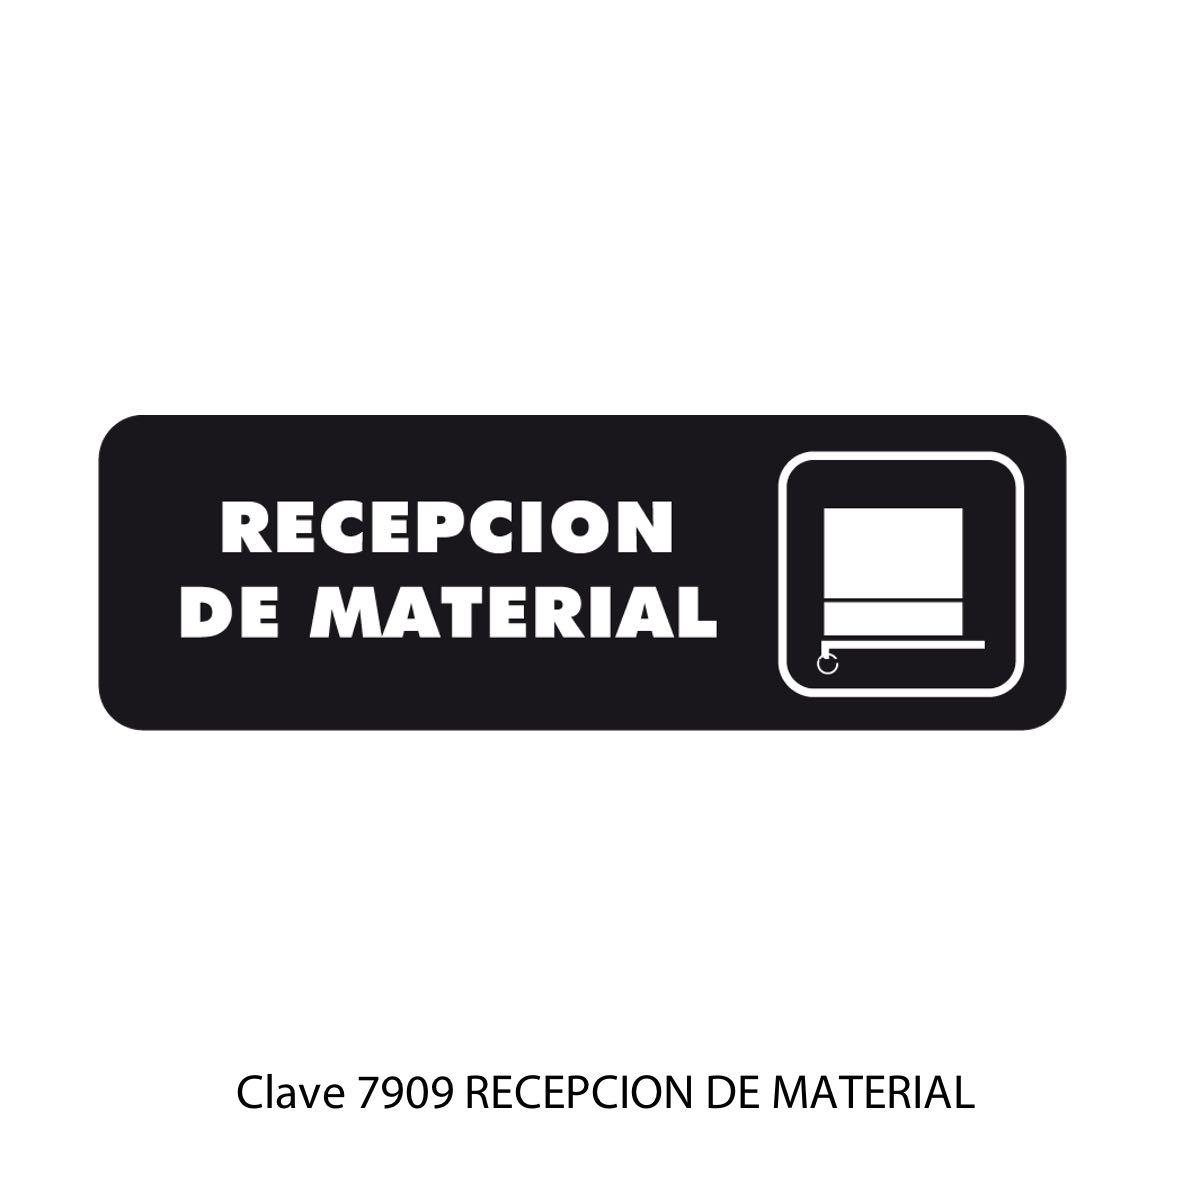 Señal Recepción de Material Modelo 7909 - Sablón